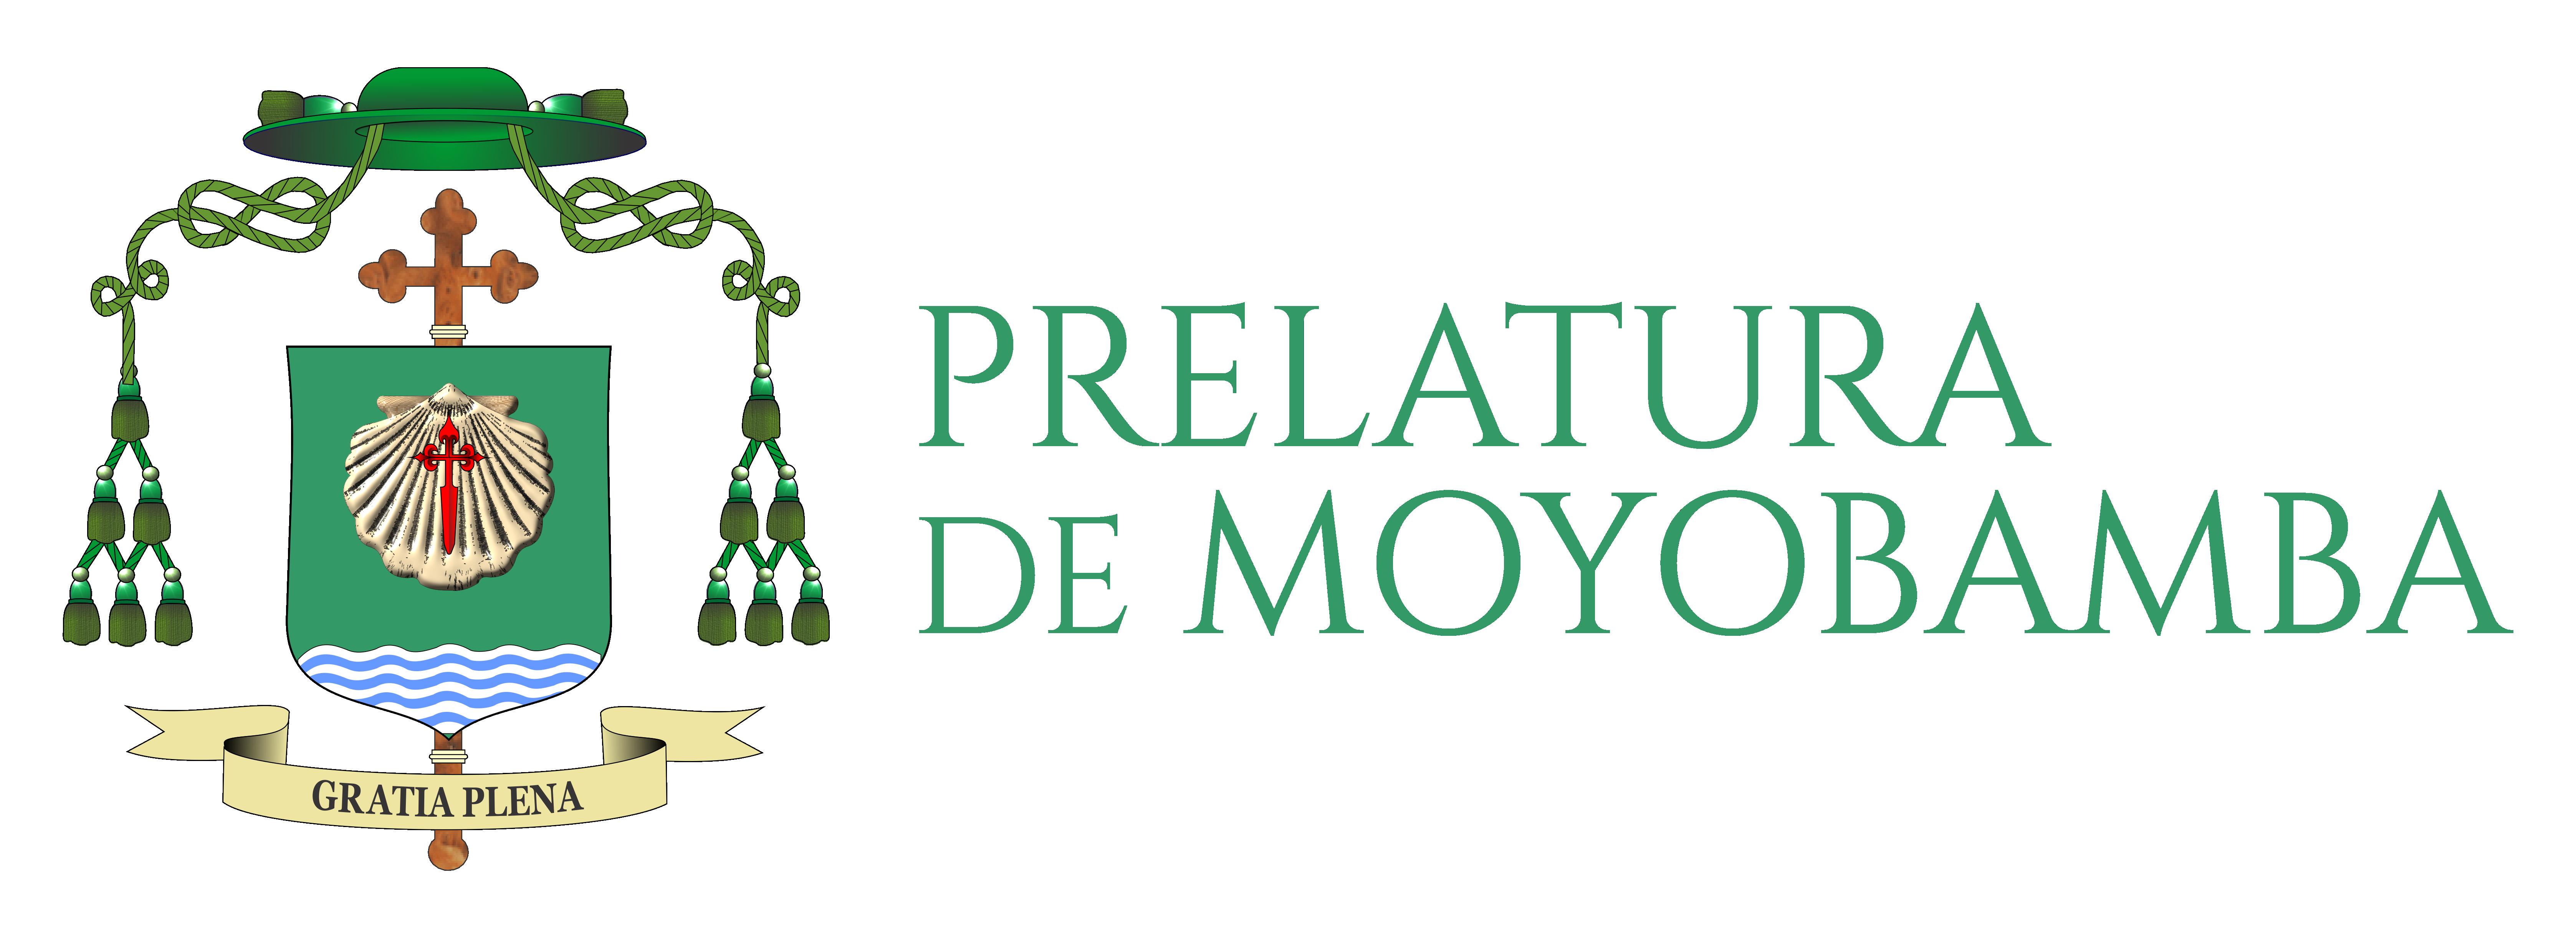 Prelatura de Moyobamba